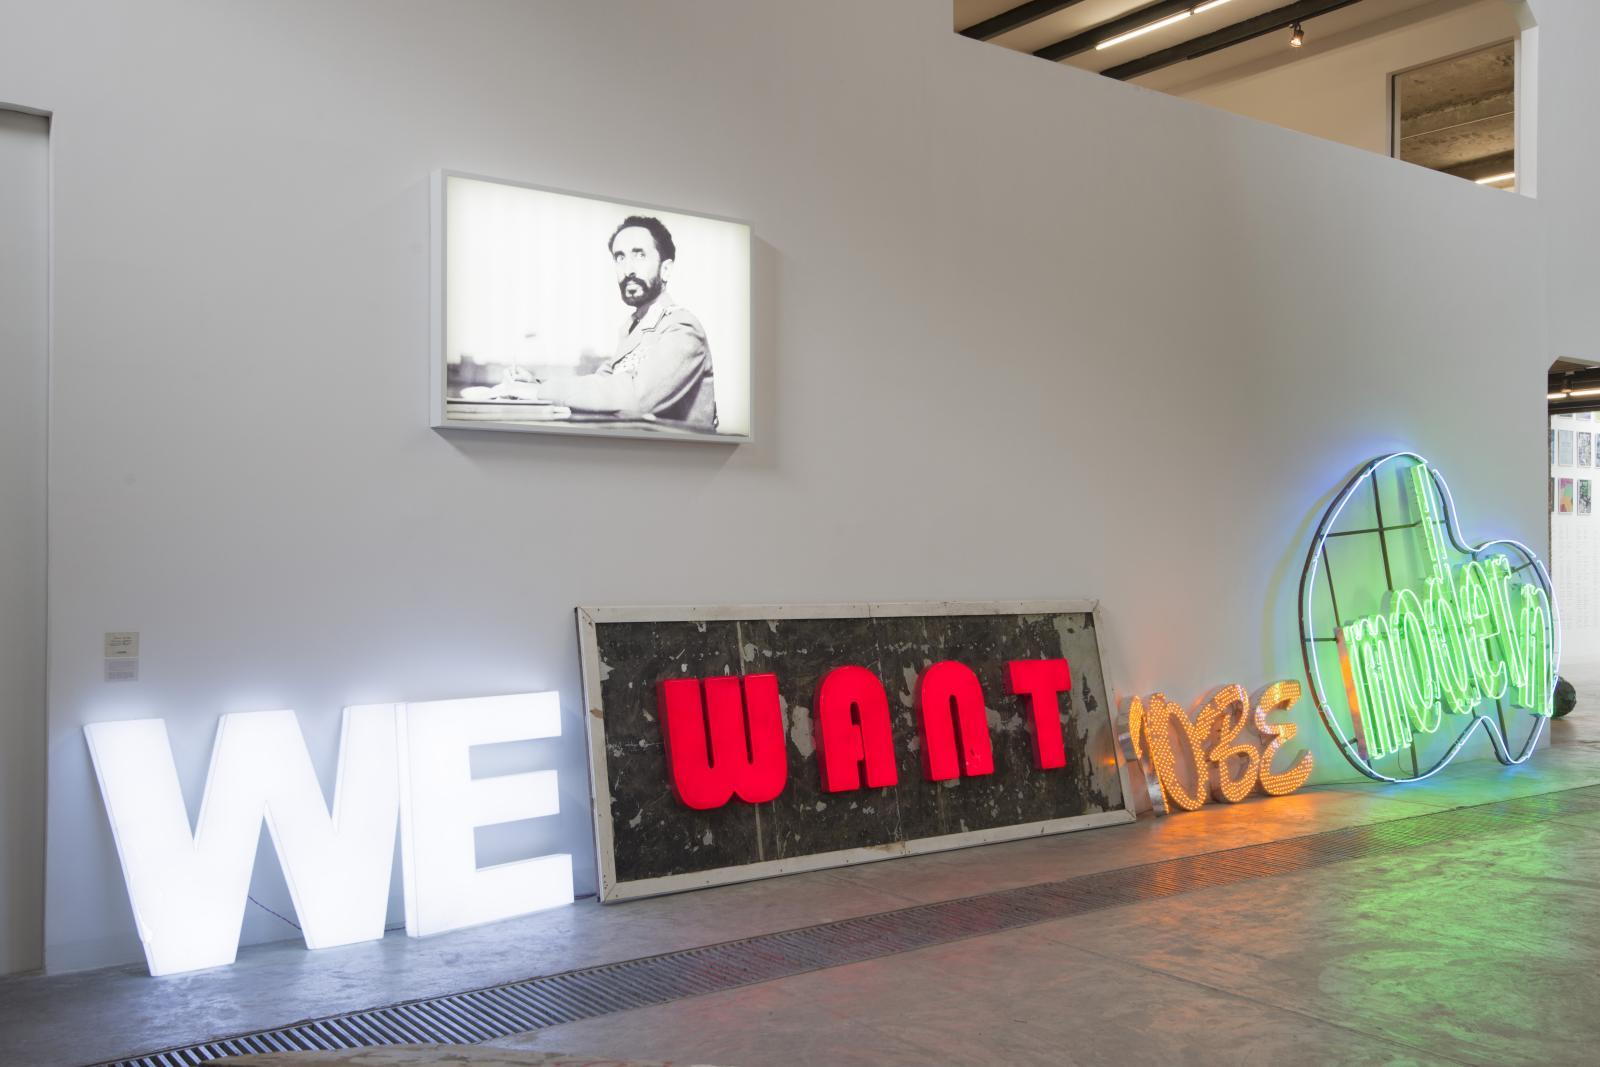 Kader Attia (né en 1970), We Want to be Modern, 2014, installation avec tubes de néon, collection Lin Han. ©Collection Lin Han, Beijing